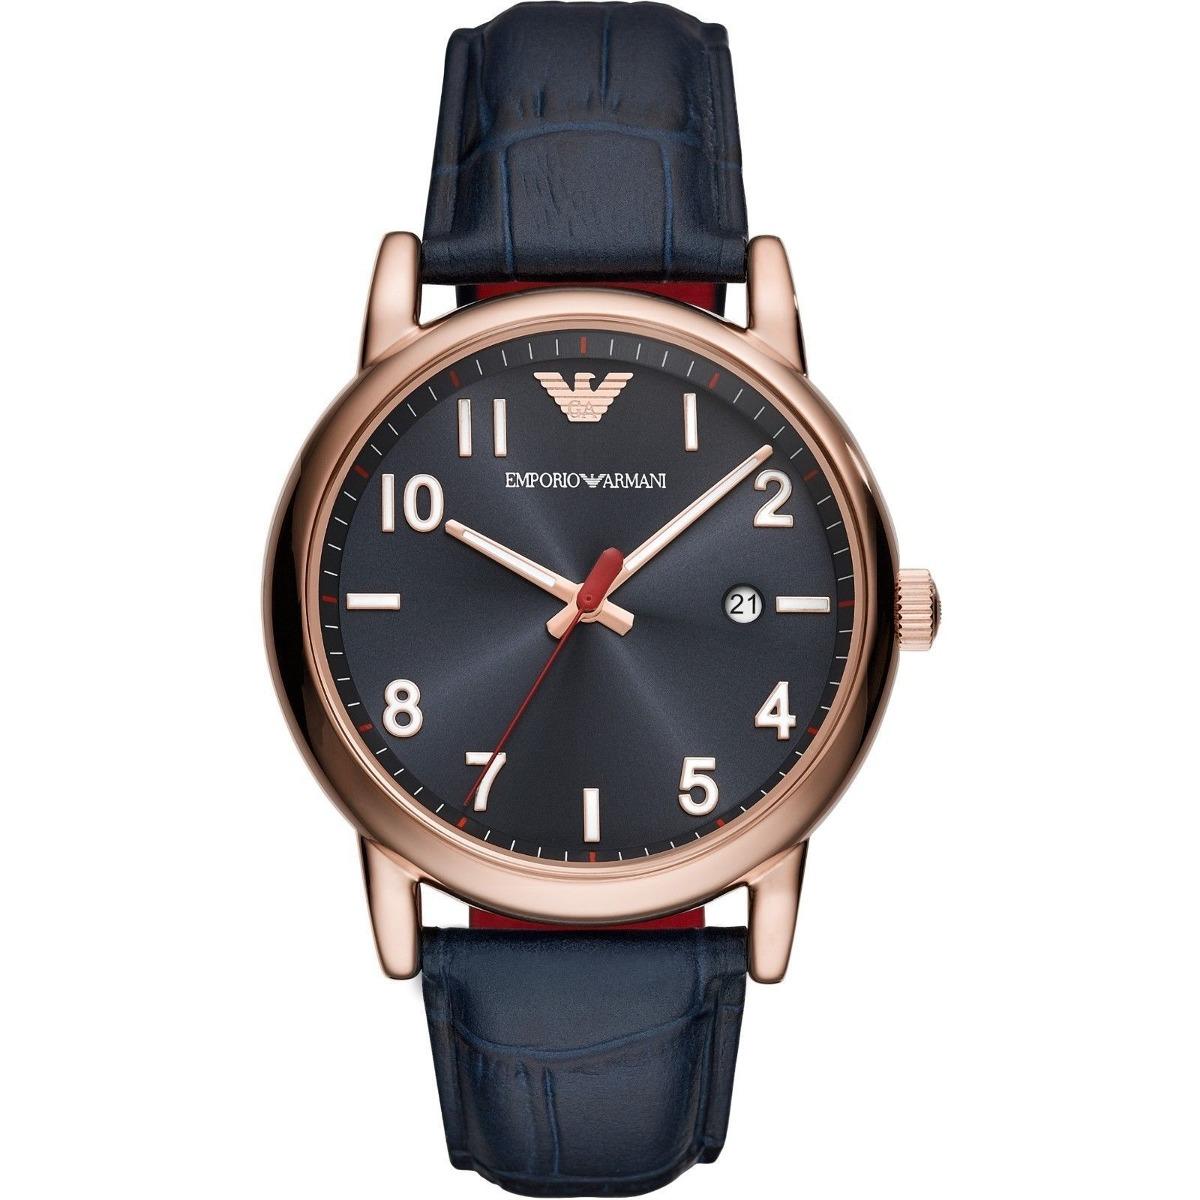 8a6cd3836681 emporio armani reloj de hombre en color rosa dorado azul 43. Cargando zoom.